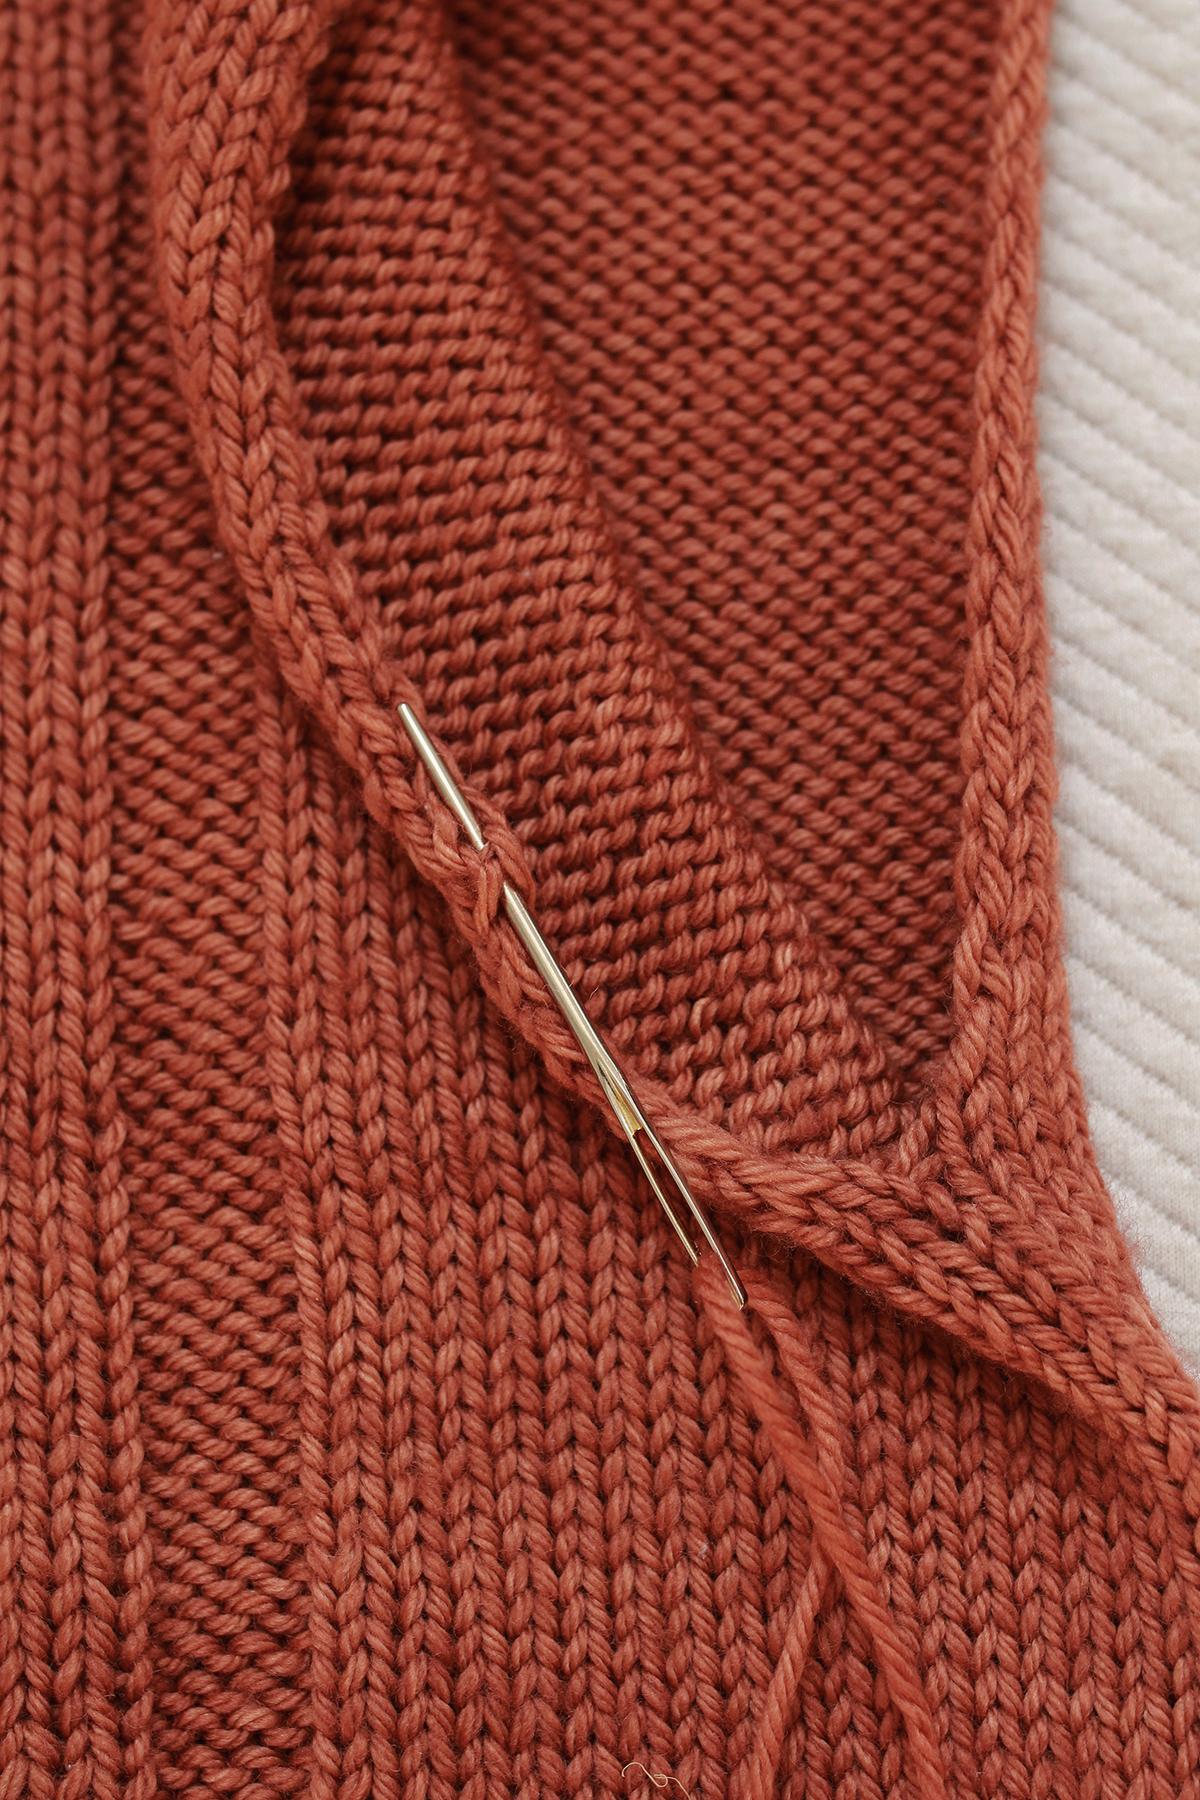 Sposób zszywania oczek wzdłuż otworu na rękaw w ręcznie dzierganym swetrze